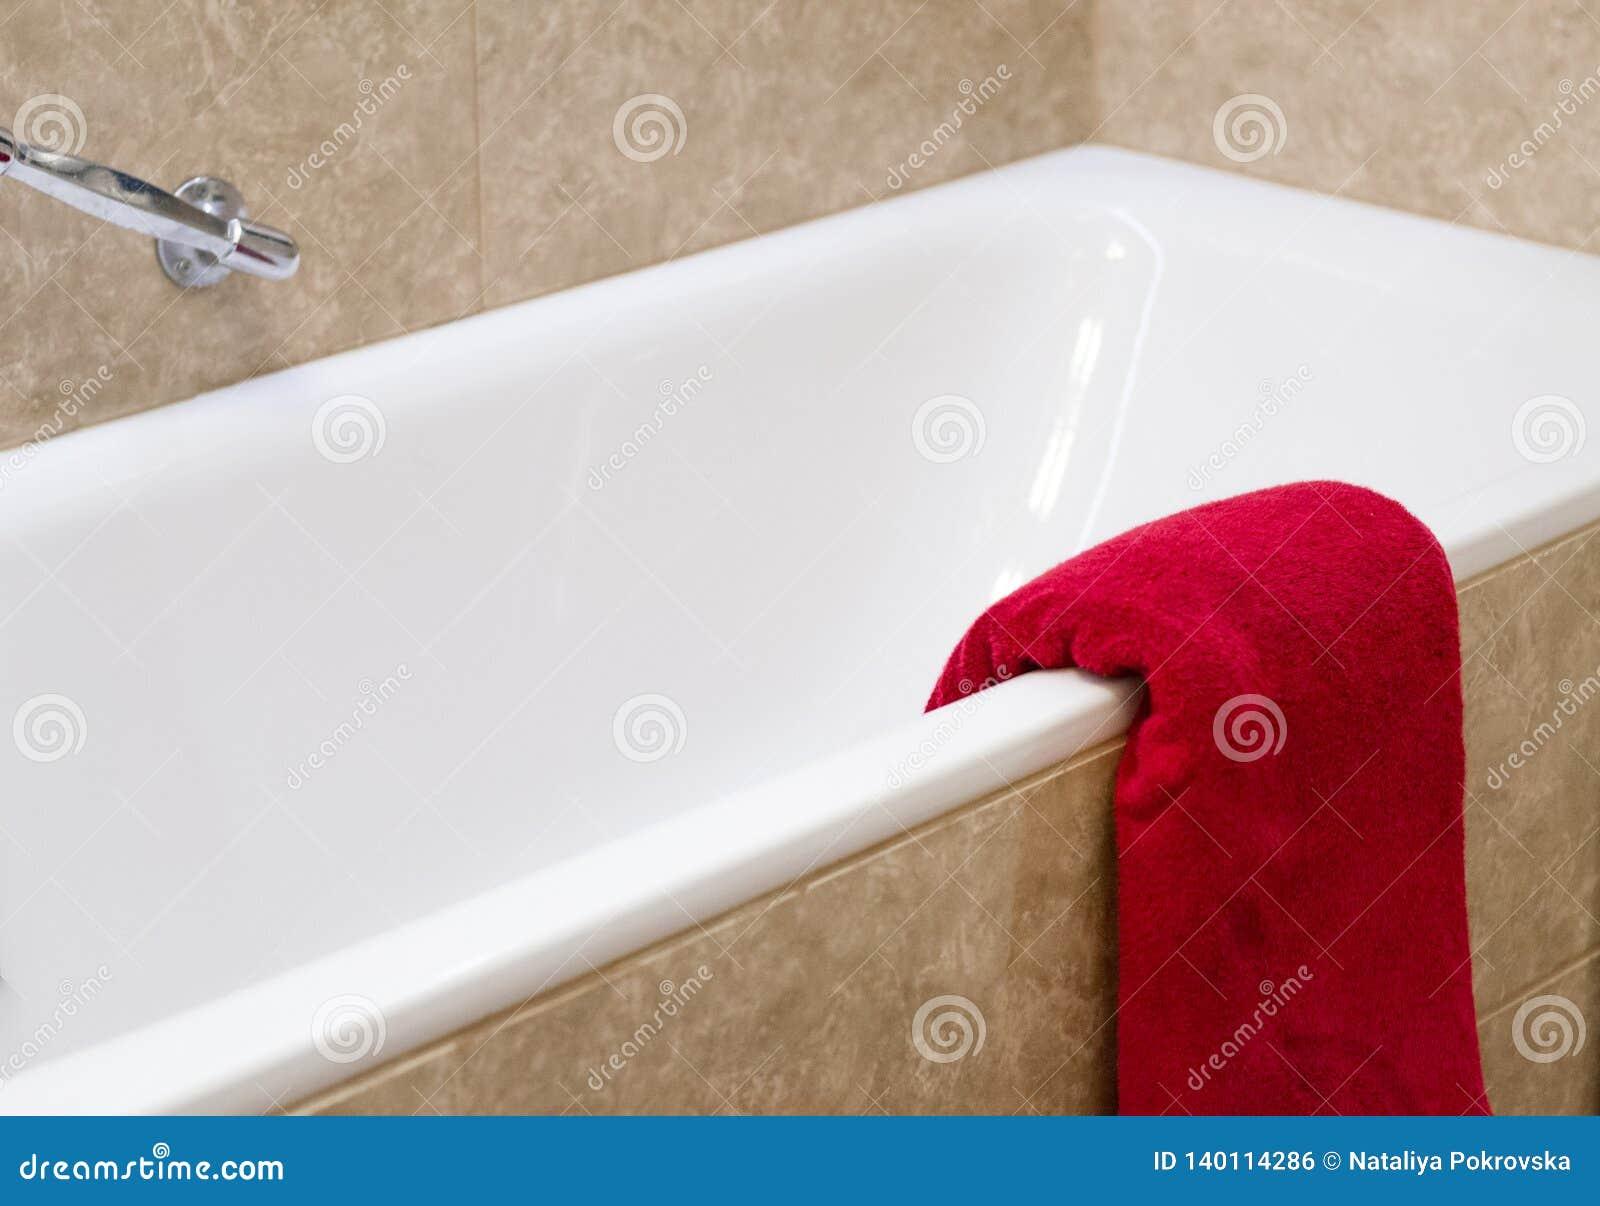 Czerwony Terry kąpielowy ręcznik jest na skąpaniu z beżowymi płytkami